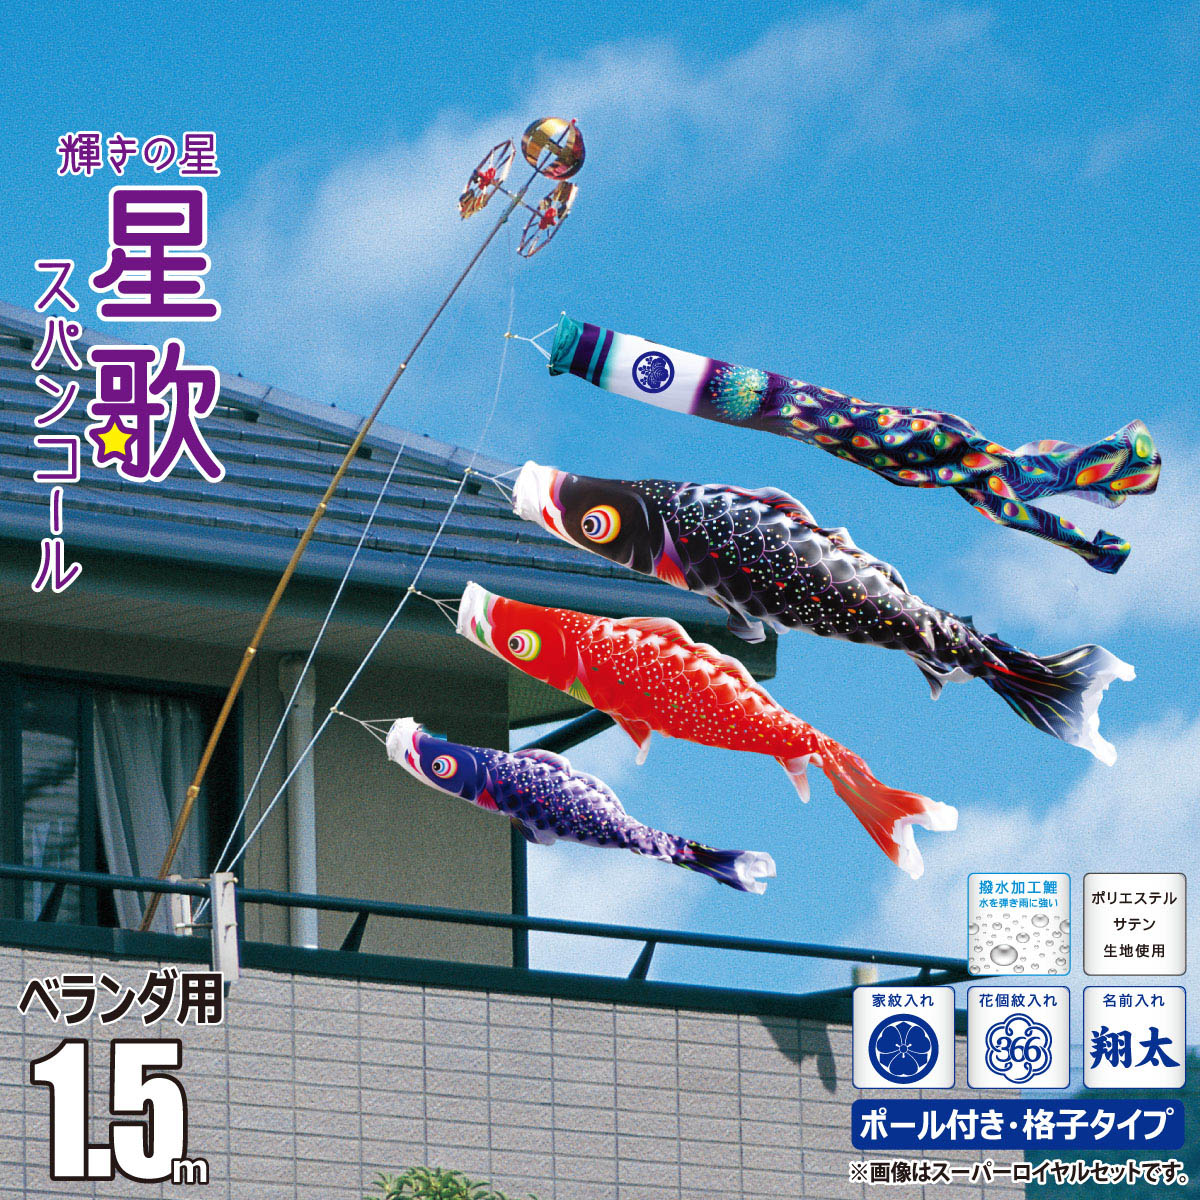 こいのぼり 1.5m 星歌スパンコール 6点 (矢車、ロープ、吹流し、鯉3匹) ベランダ用 ロイヤルセット (ベランダ用 取付金具付き) 徳永鯉のぼり KIT-119-990